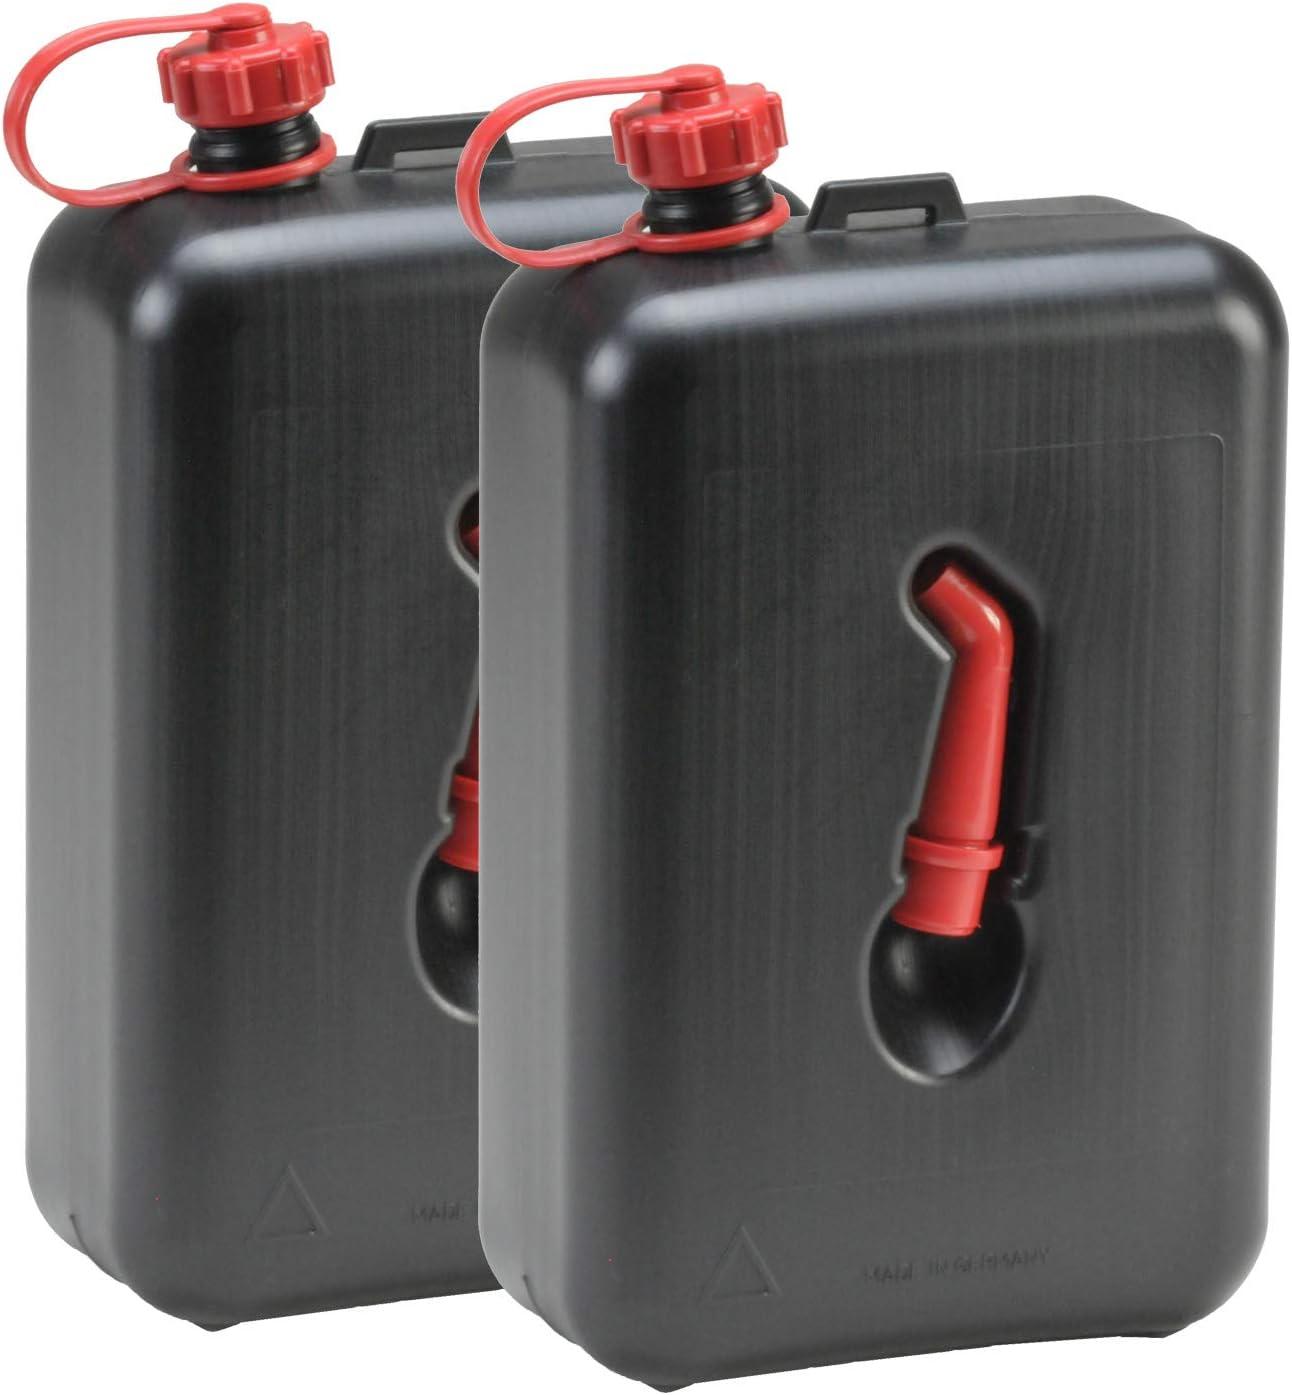 Hergestellt Für Bauprofi 2x Kraftstoff Kanister 2 Liter Schwarz 2er Set Motorrad Benzinkanister 2l Auto